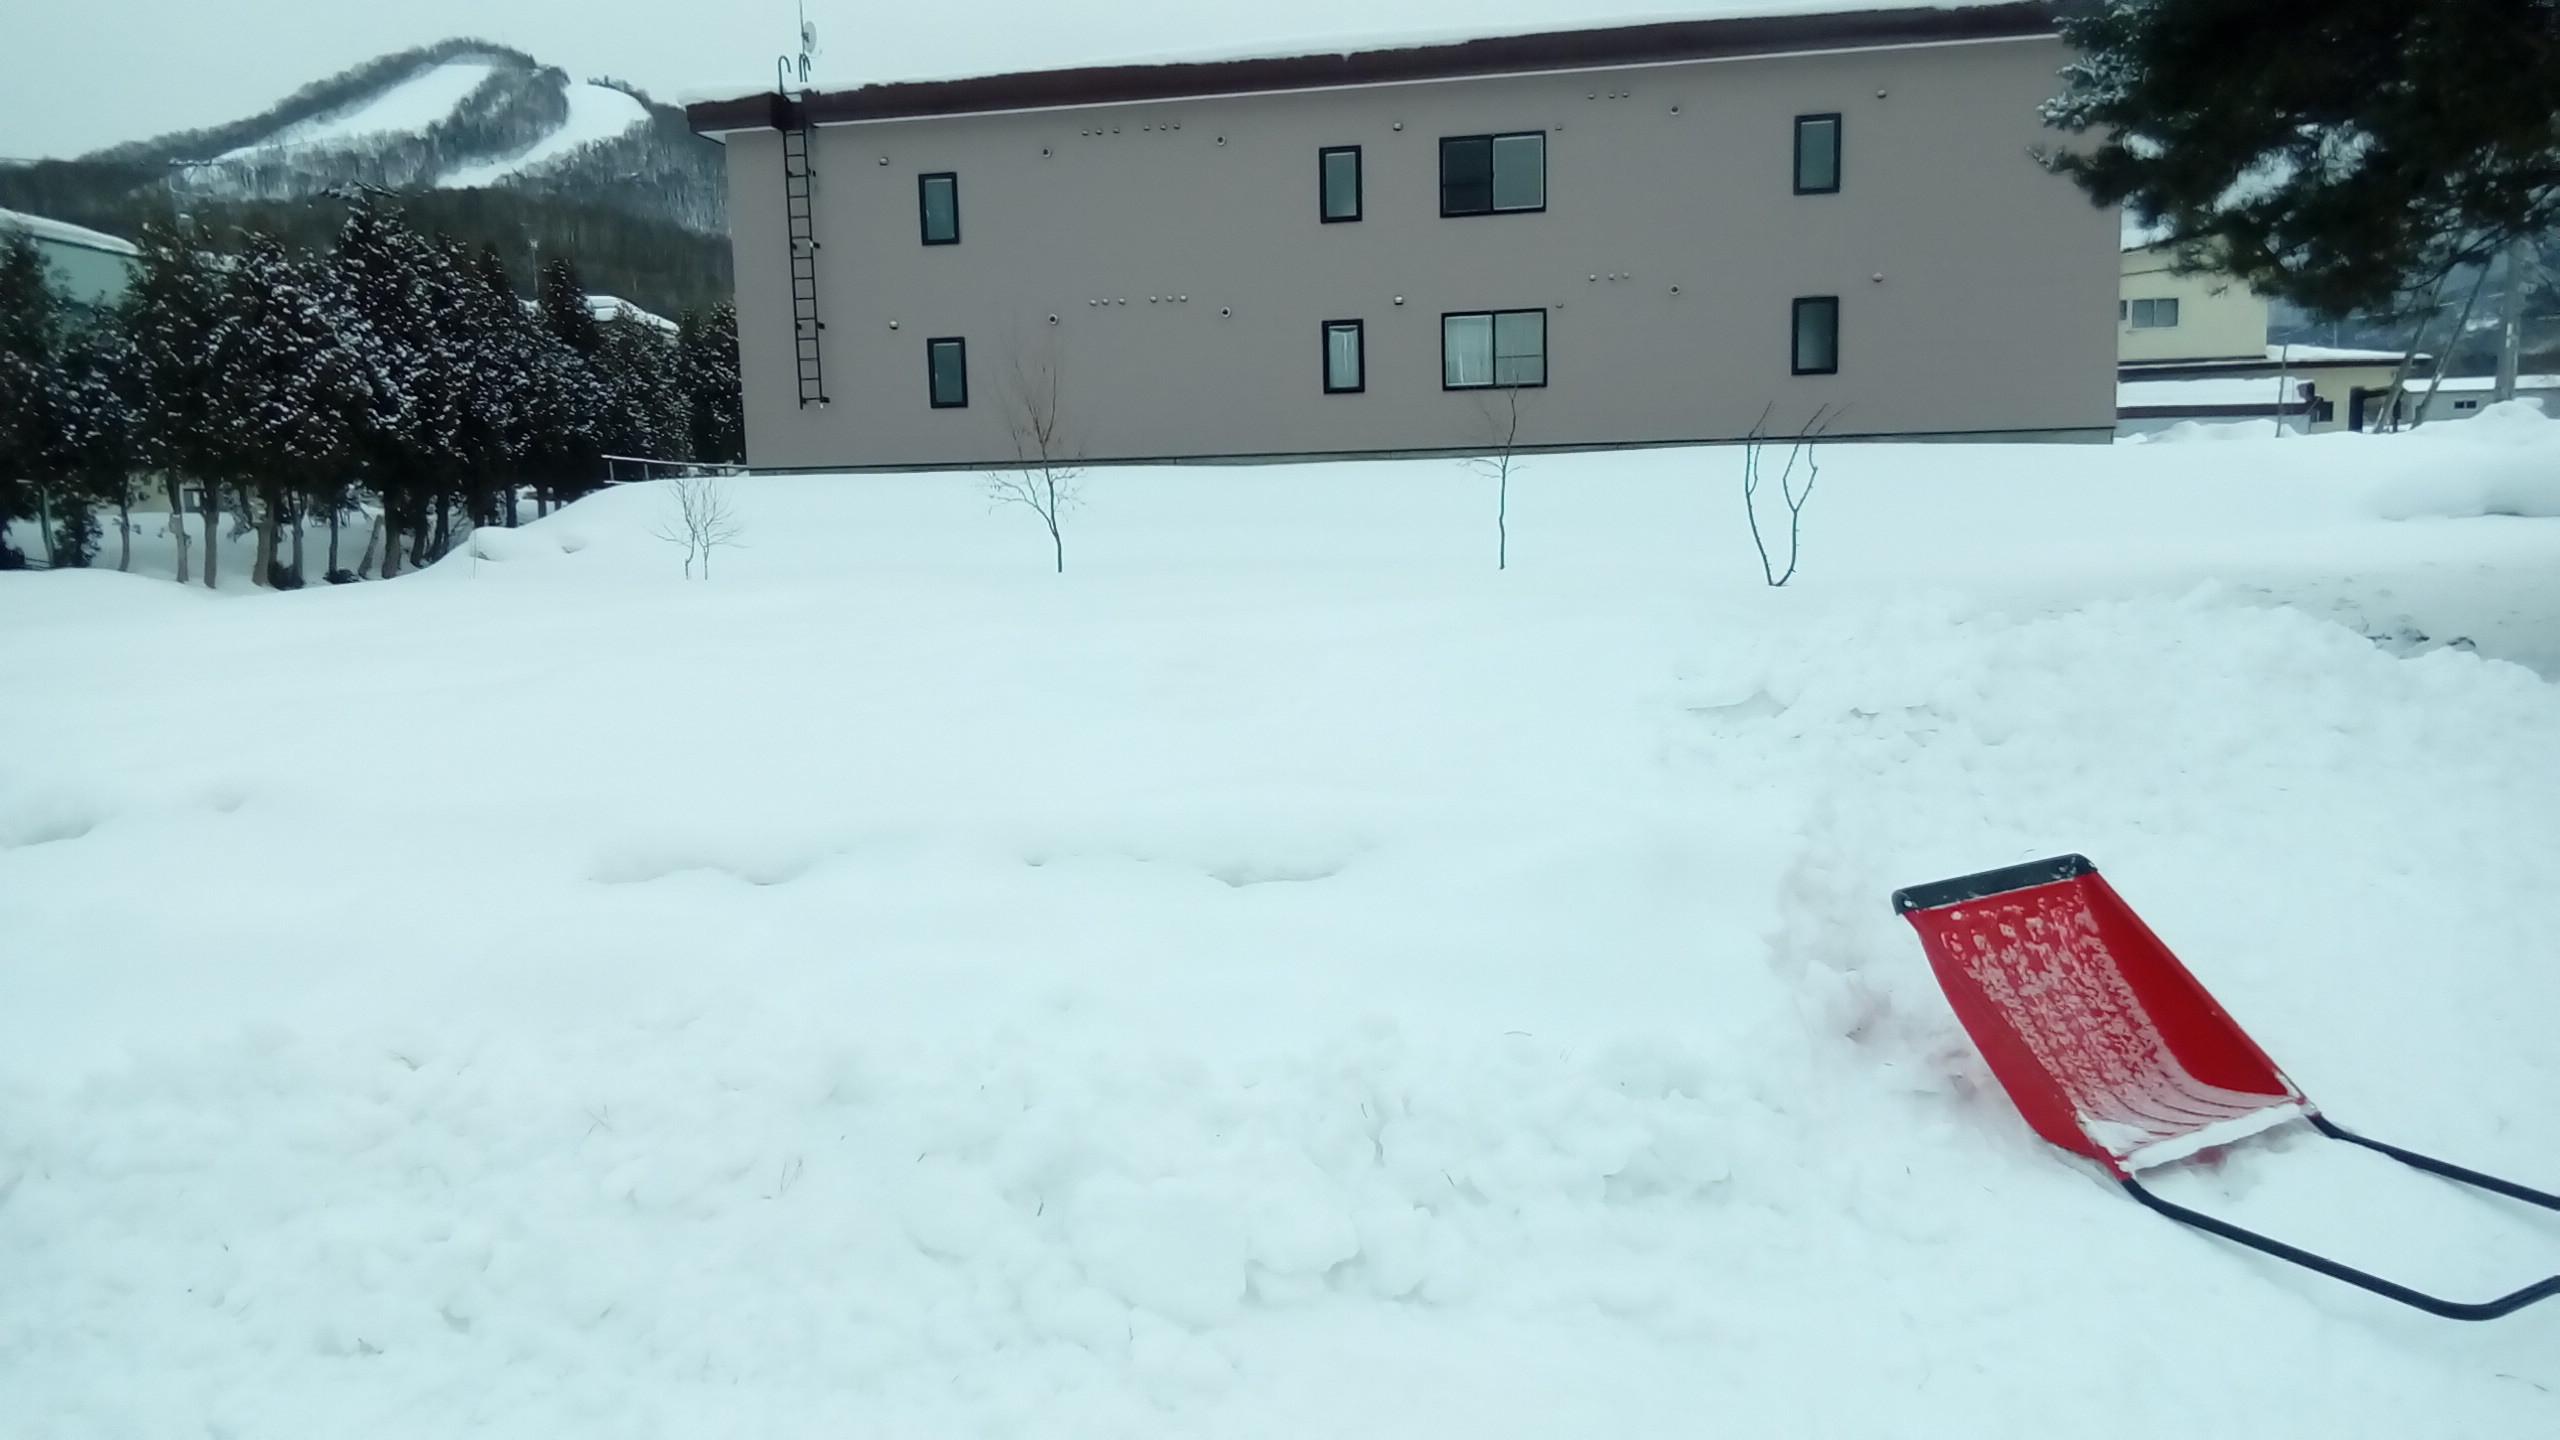 ガリガリ凍った雪のおしゃべり_c0220170_20572810.jpg